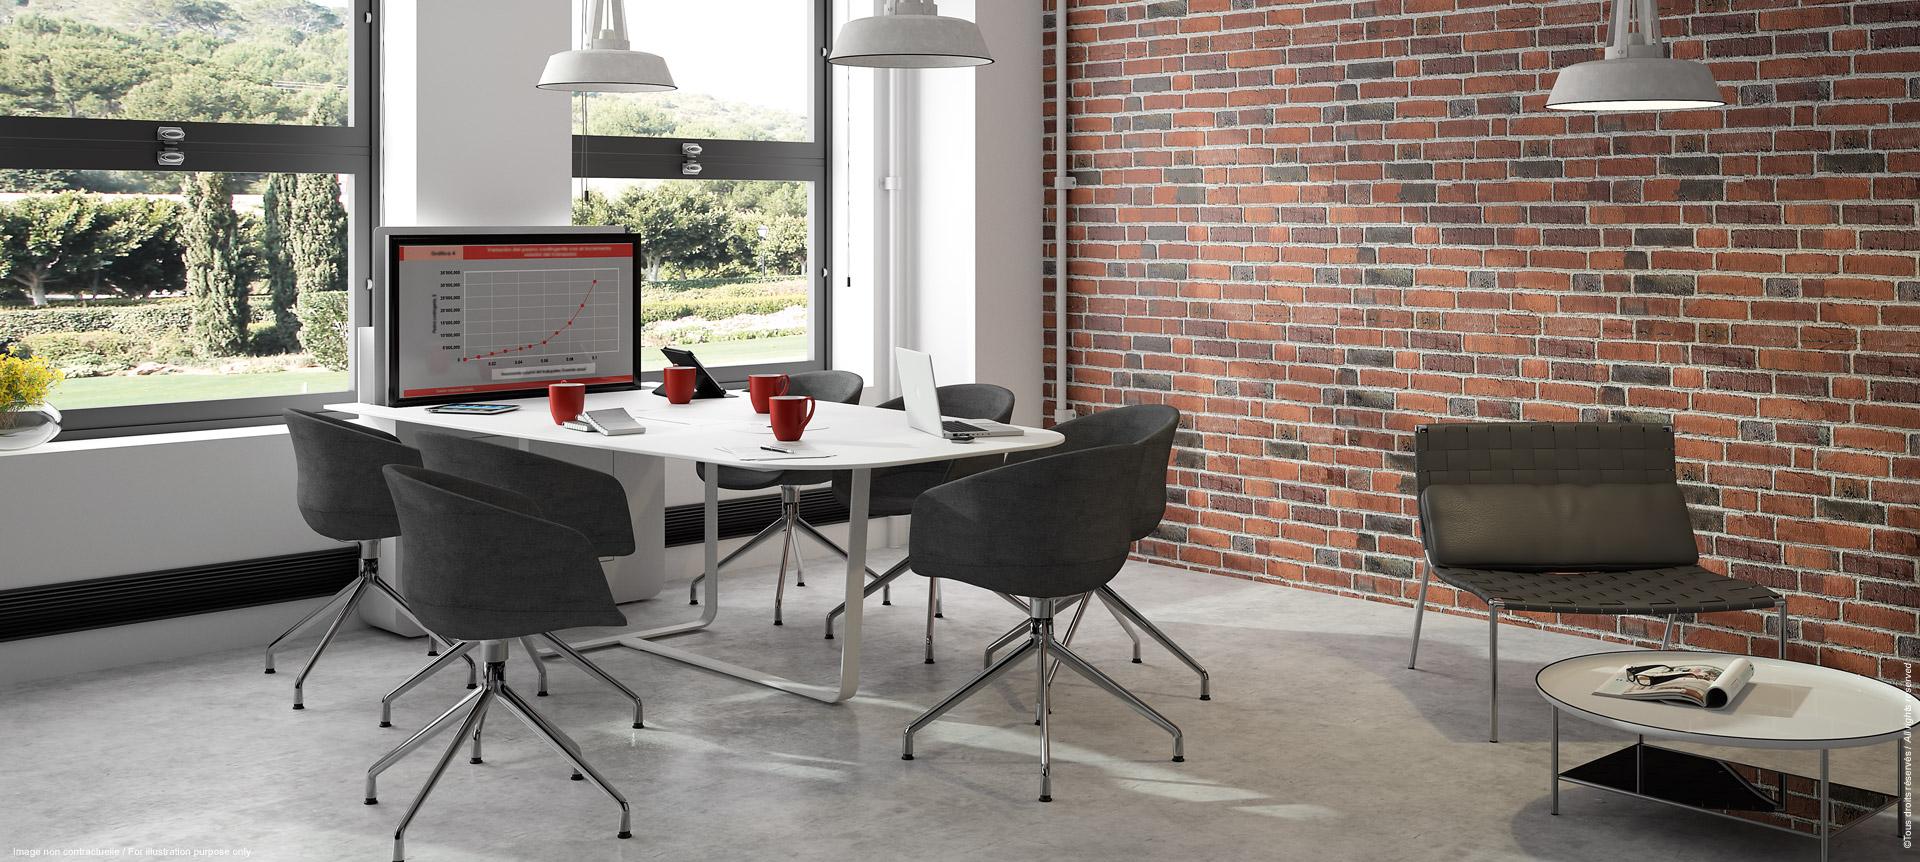 WEMEET SHARE RETRACTABLE - Table de réunion multimédia avec écran rétractable (sorti)